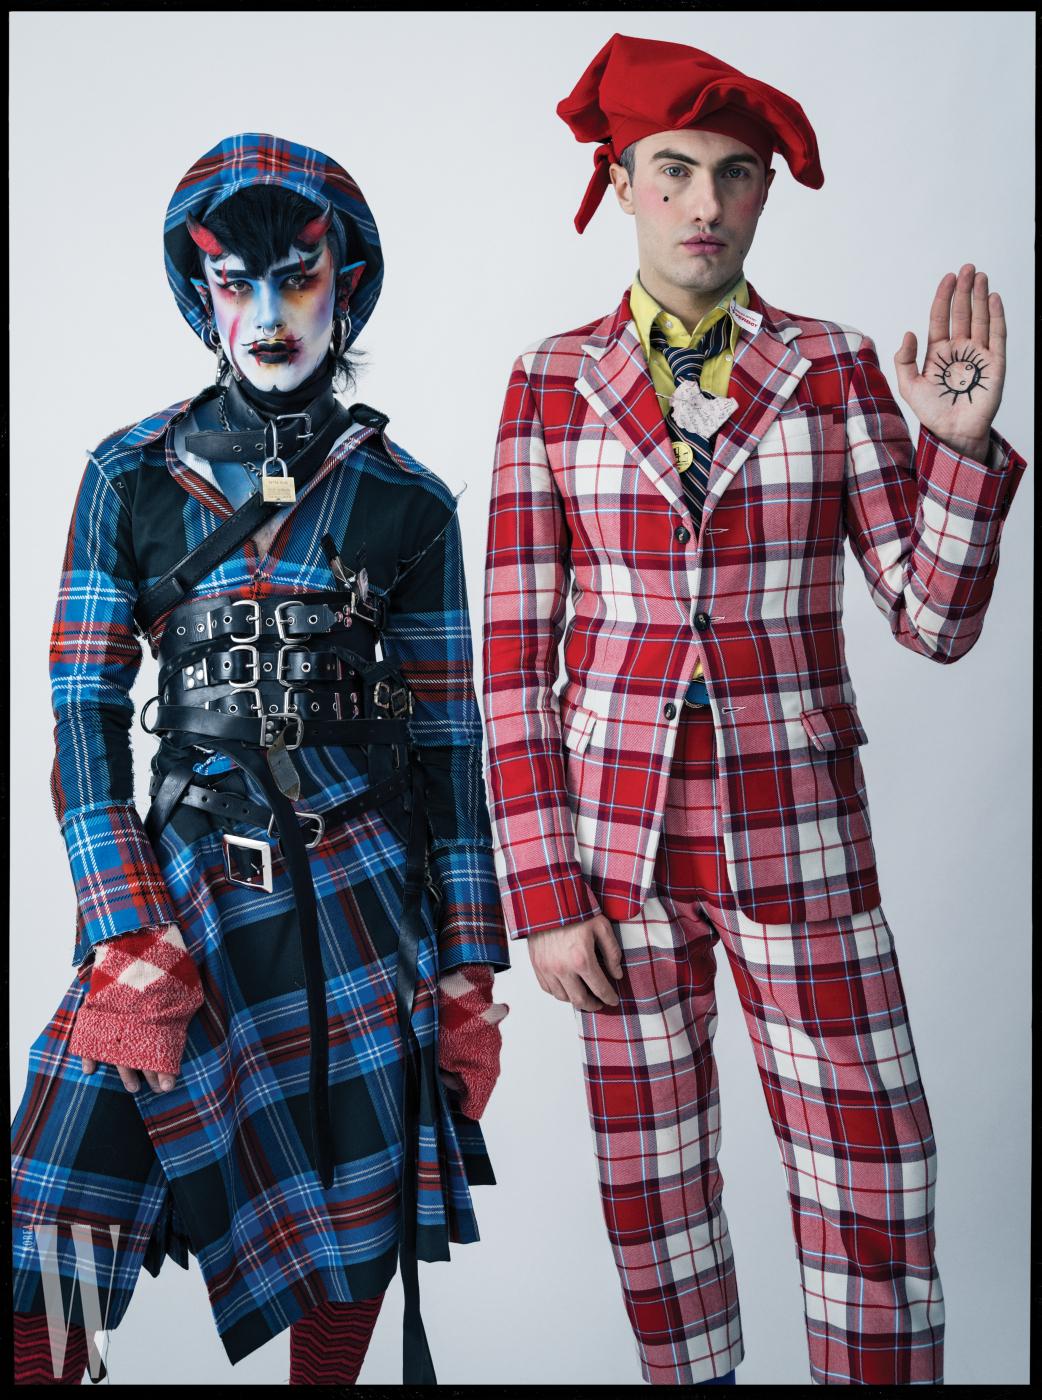 찰스 제프리 (오른쪽)와 필름 제작자 젠킨 반 질이 입은 옷과 모자 모두 찰스 제프리 러버보이, 질이 착용한 양말은 팔케, 벨트는 개인 소장품.